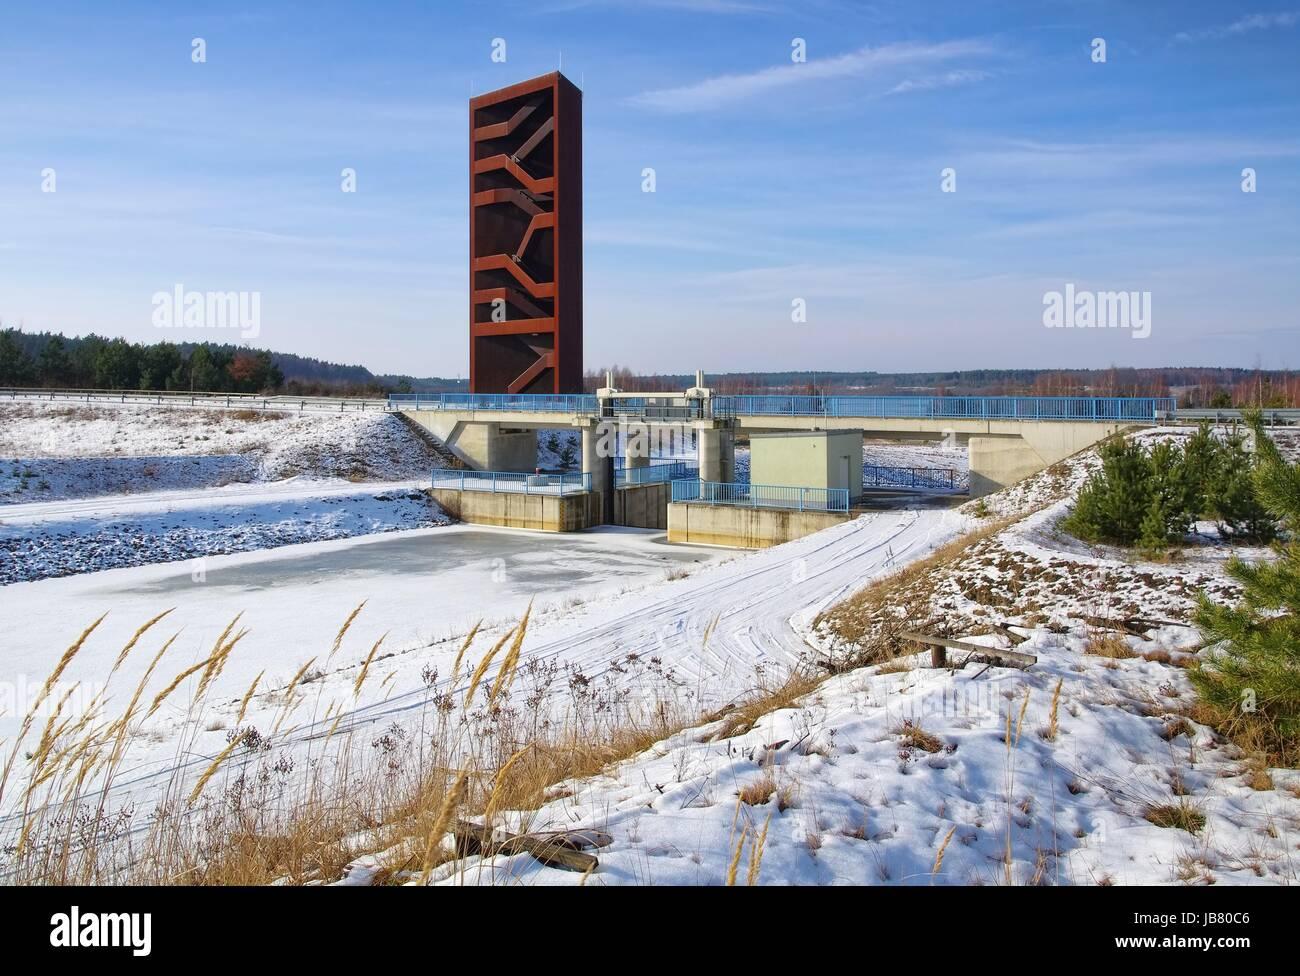 Rostiger Nagel Stockfotos & Rostiger Nagel Bilder - Alamy